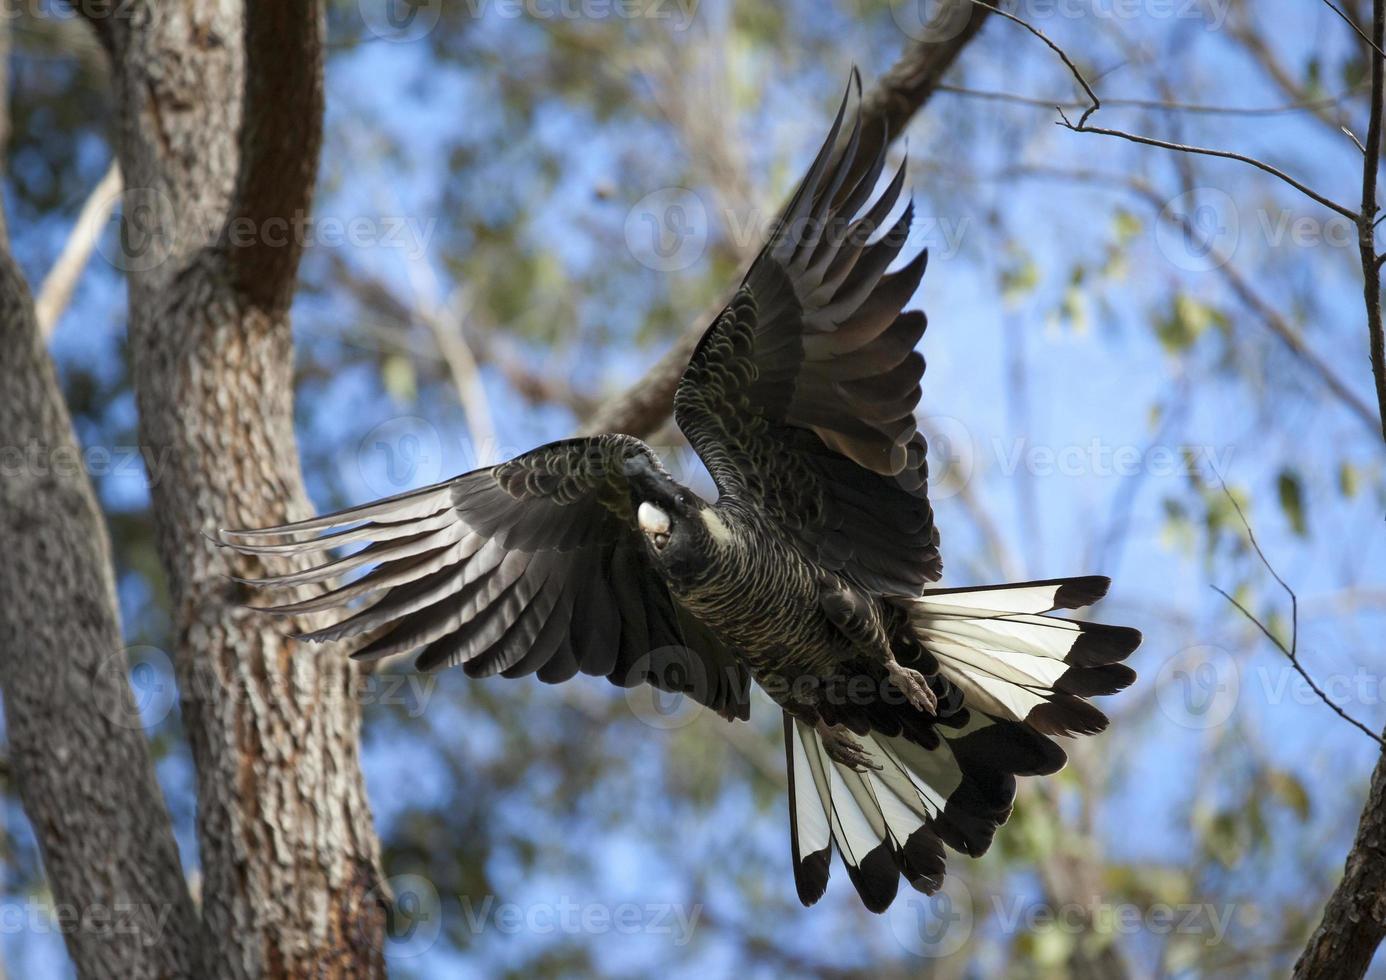 la cacatúa negra de cola blanca de carnaby alza el vuelo. foto